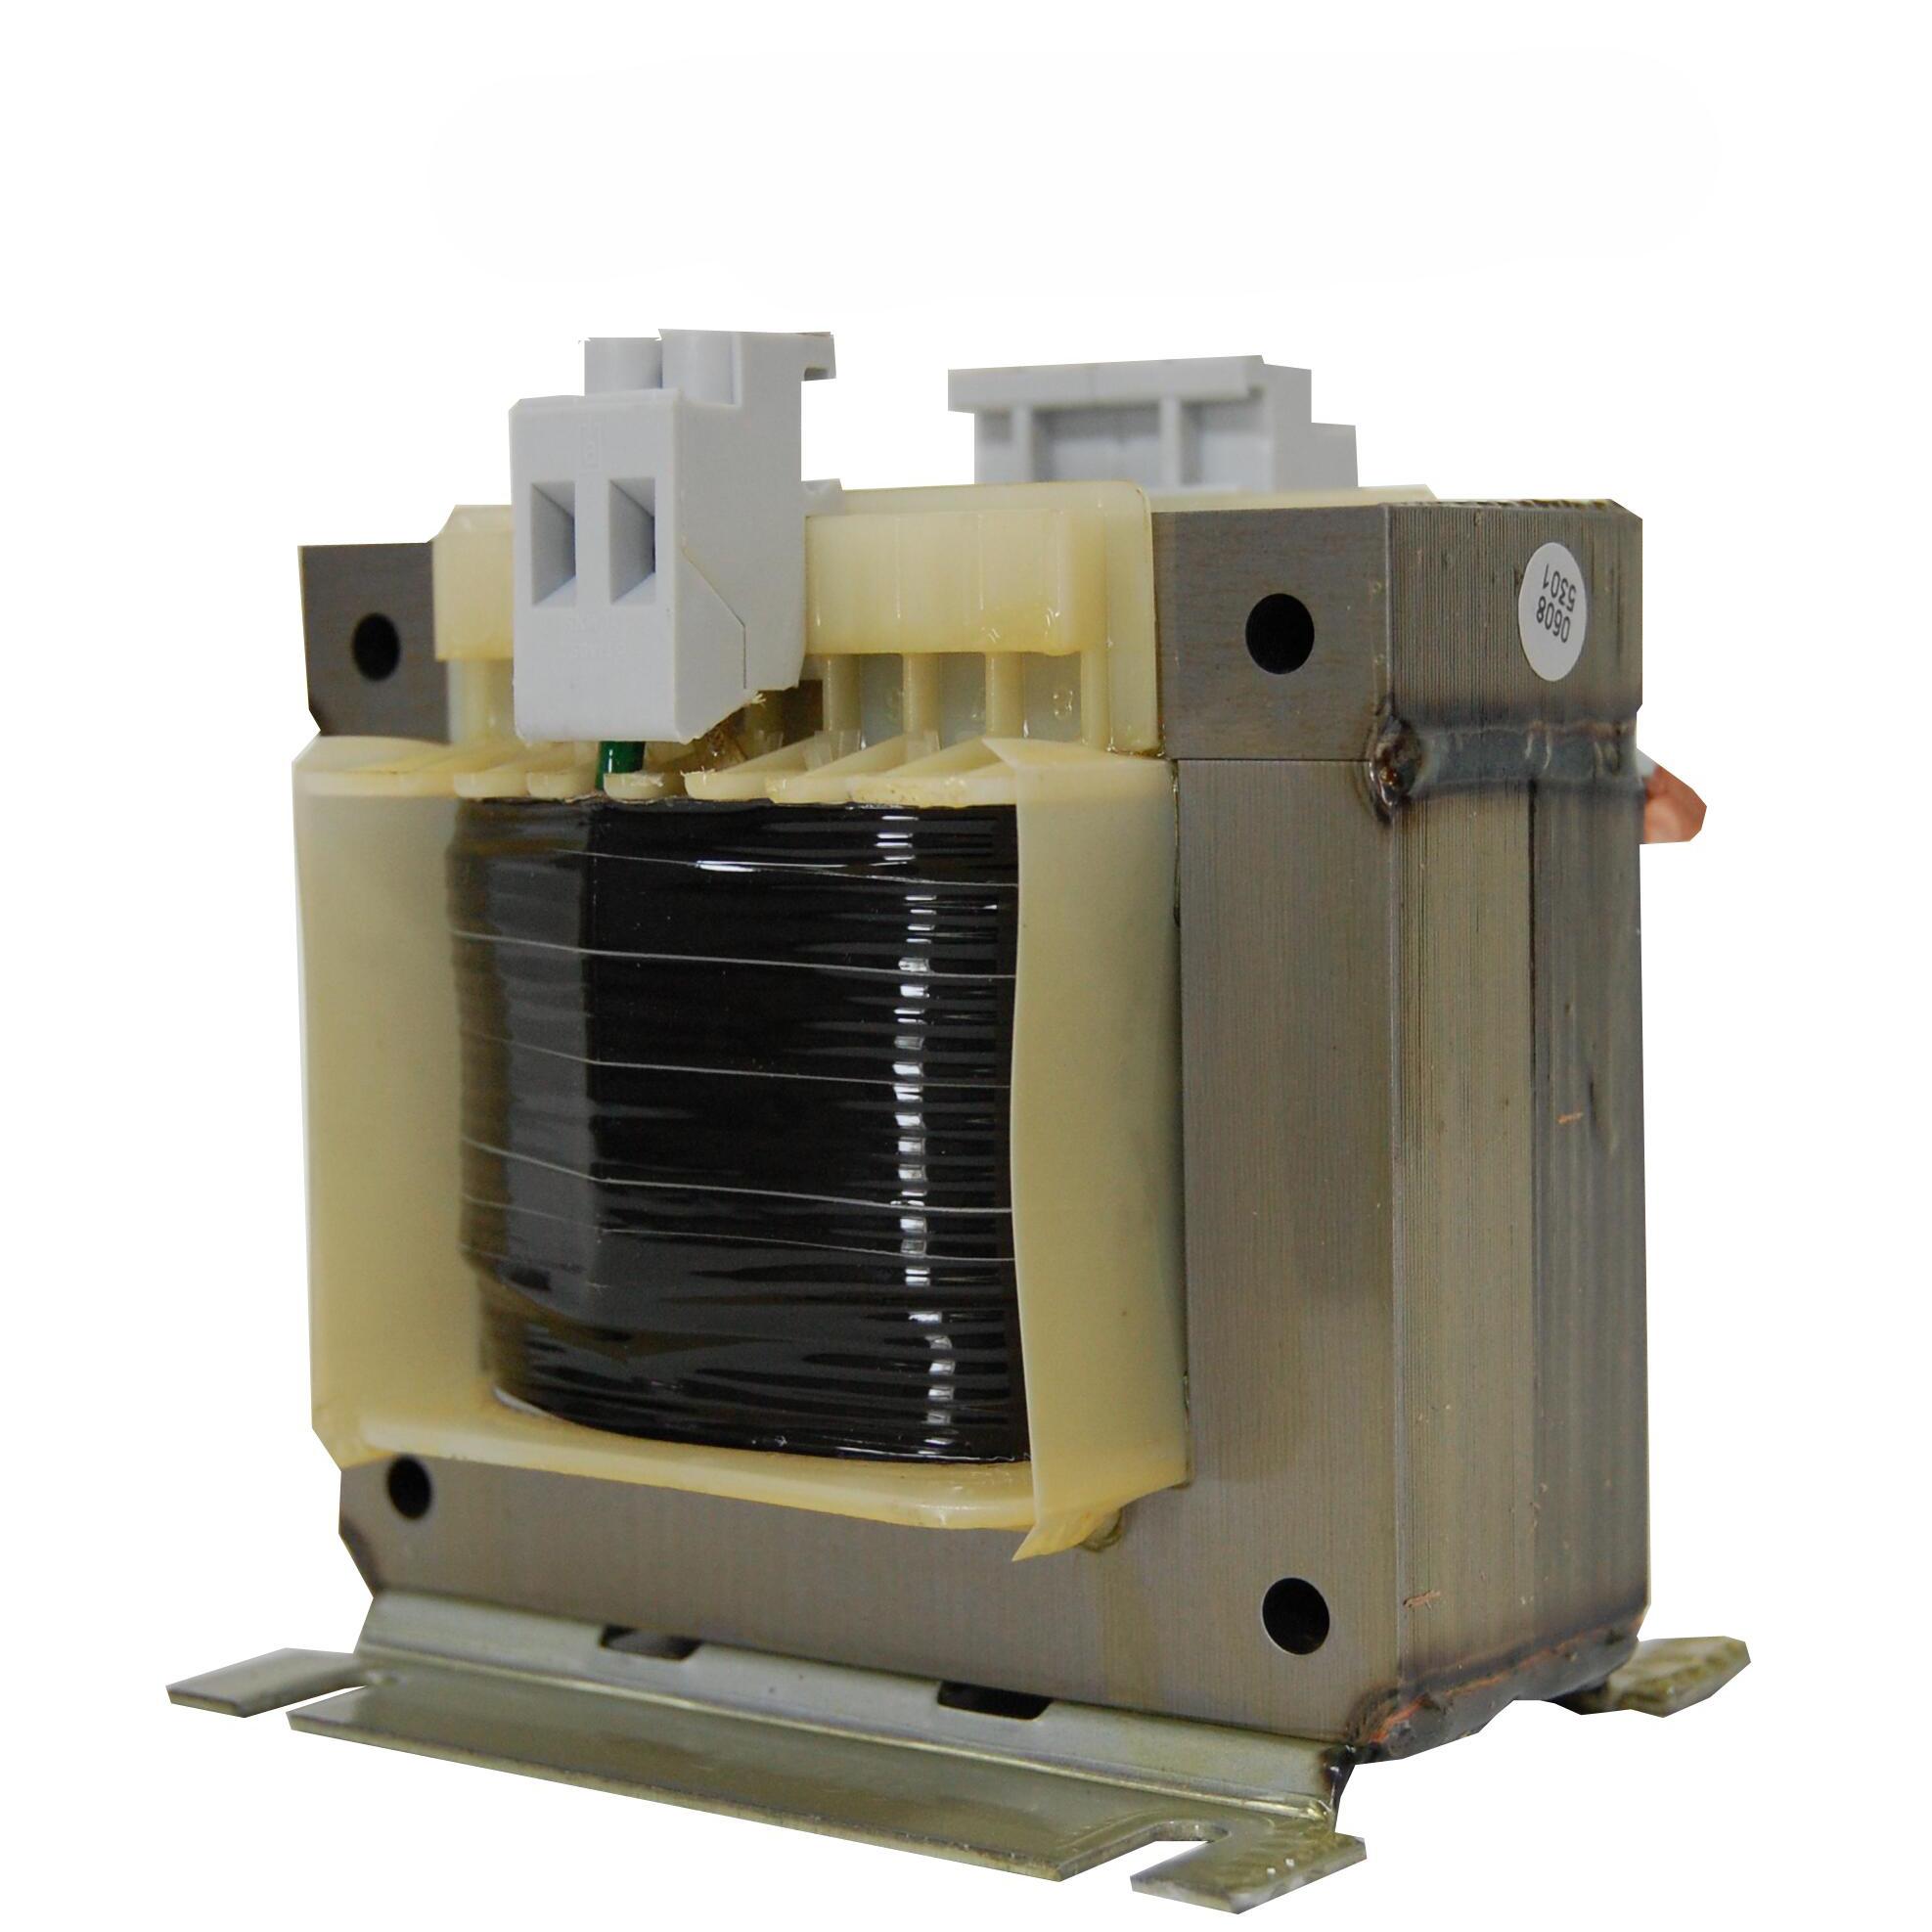 1 Stk Einphasen Steuertransformator 400/230V, 500VA, IP00 LP604050T-